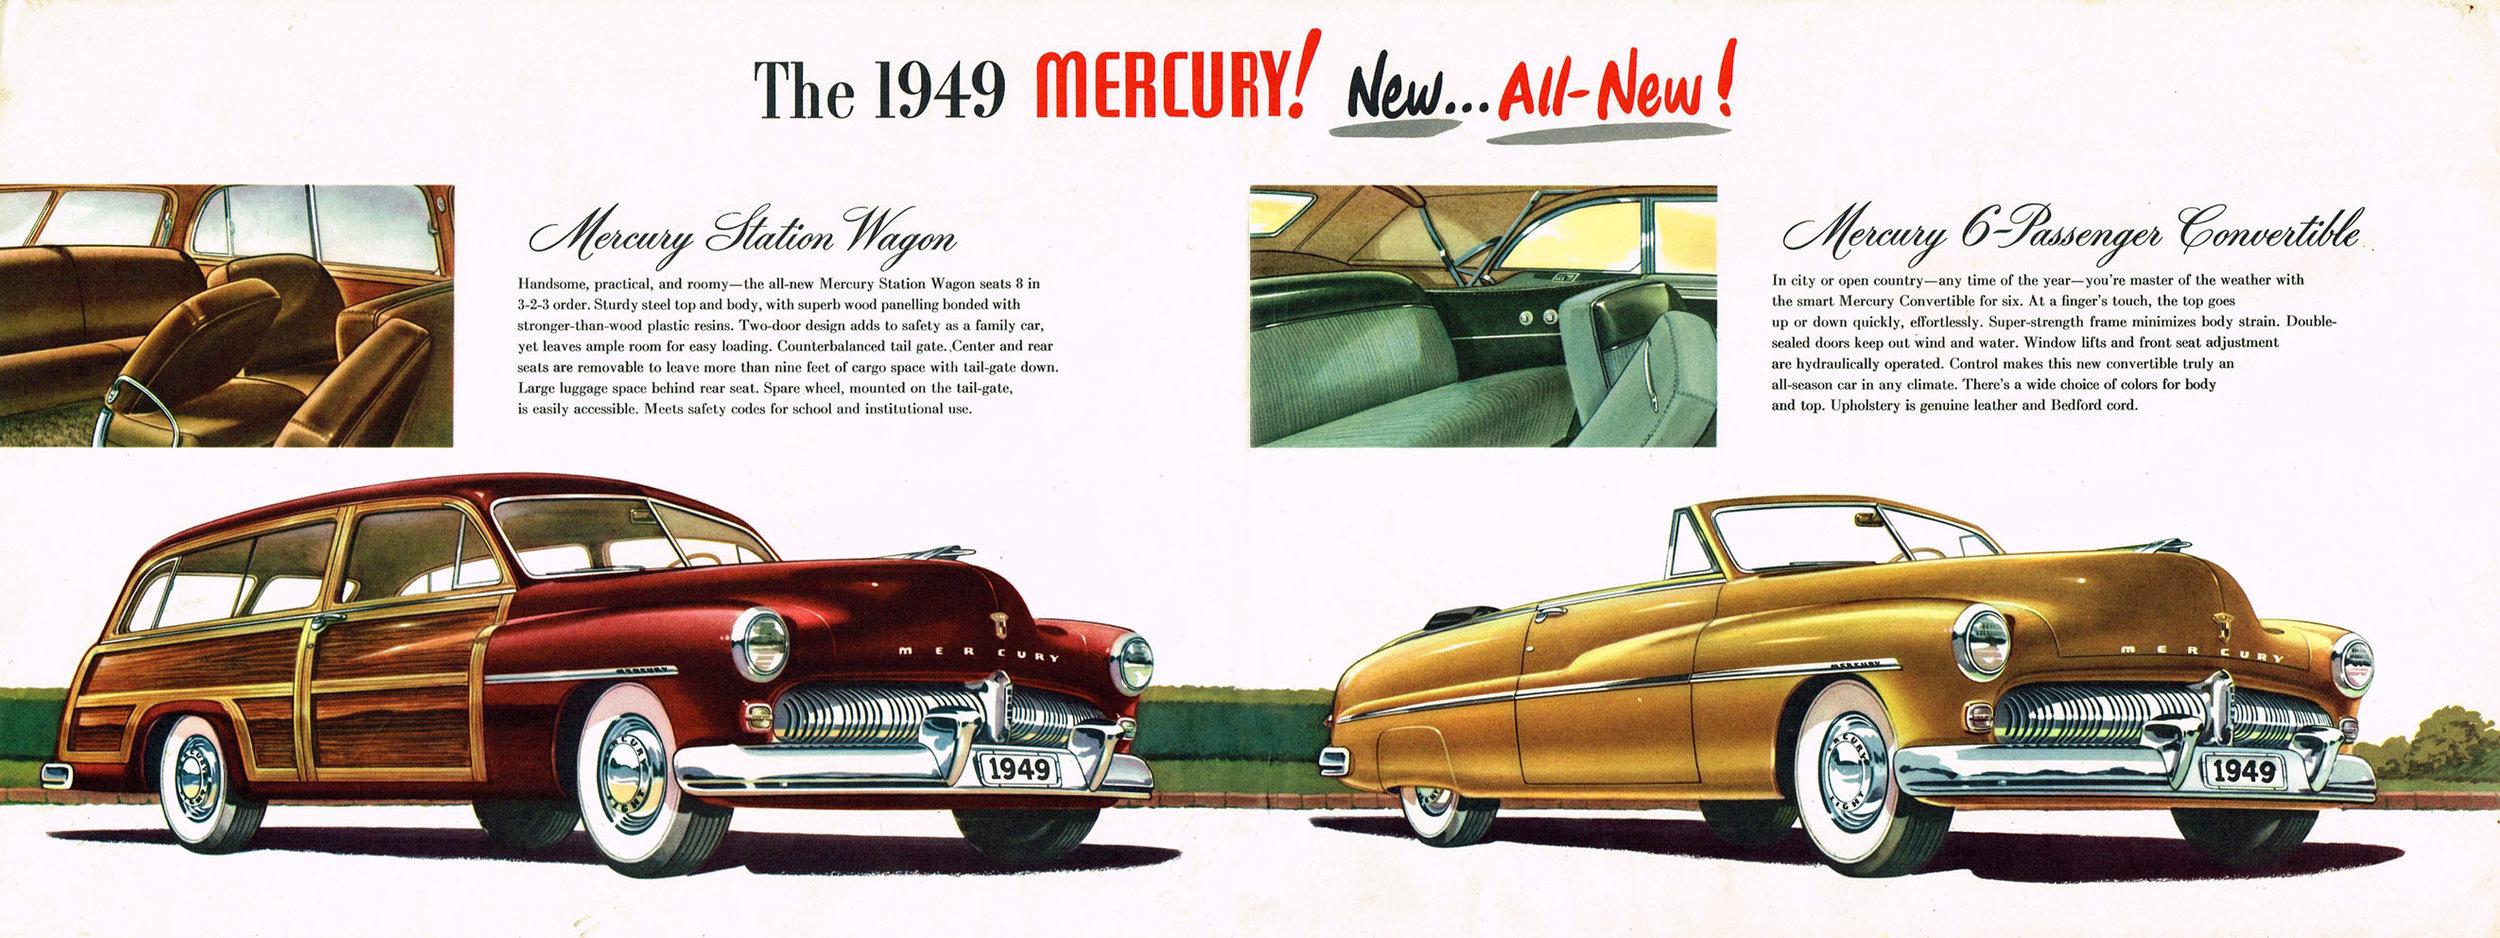 TunelRam_Mercury_1949 woody.jpg